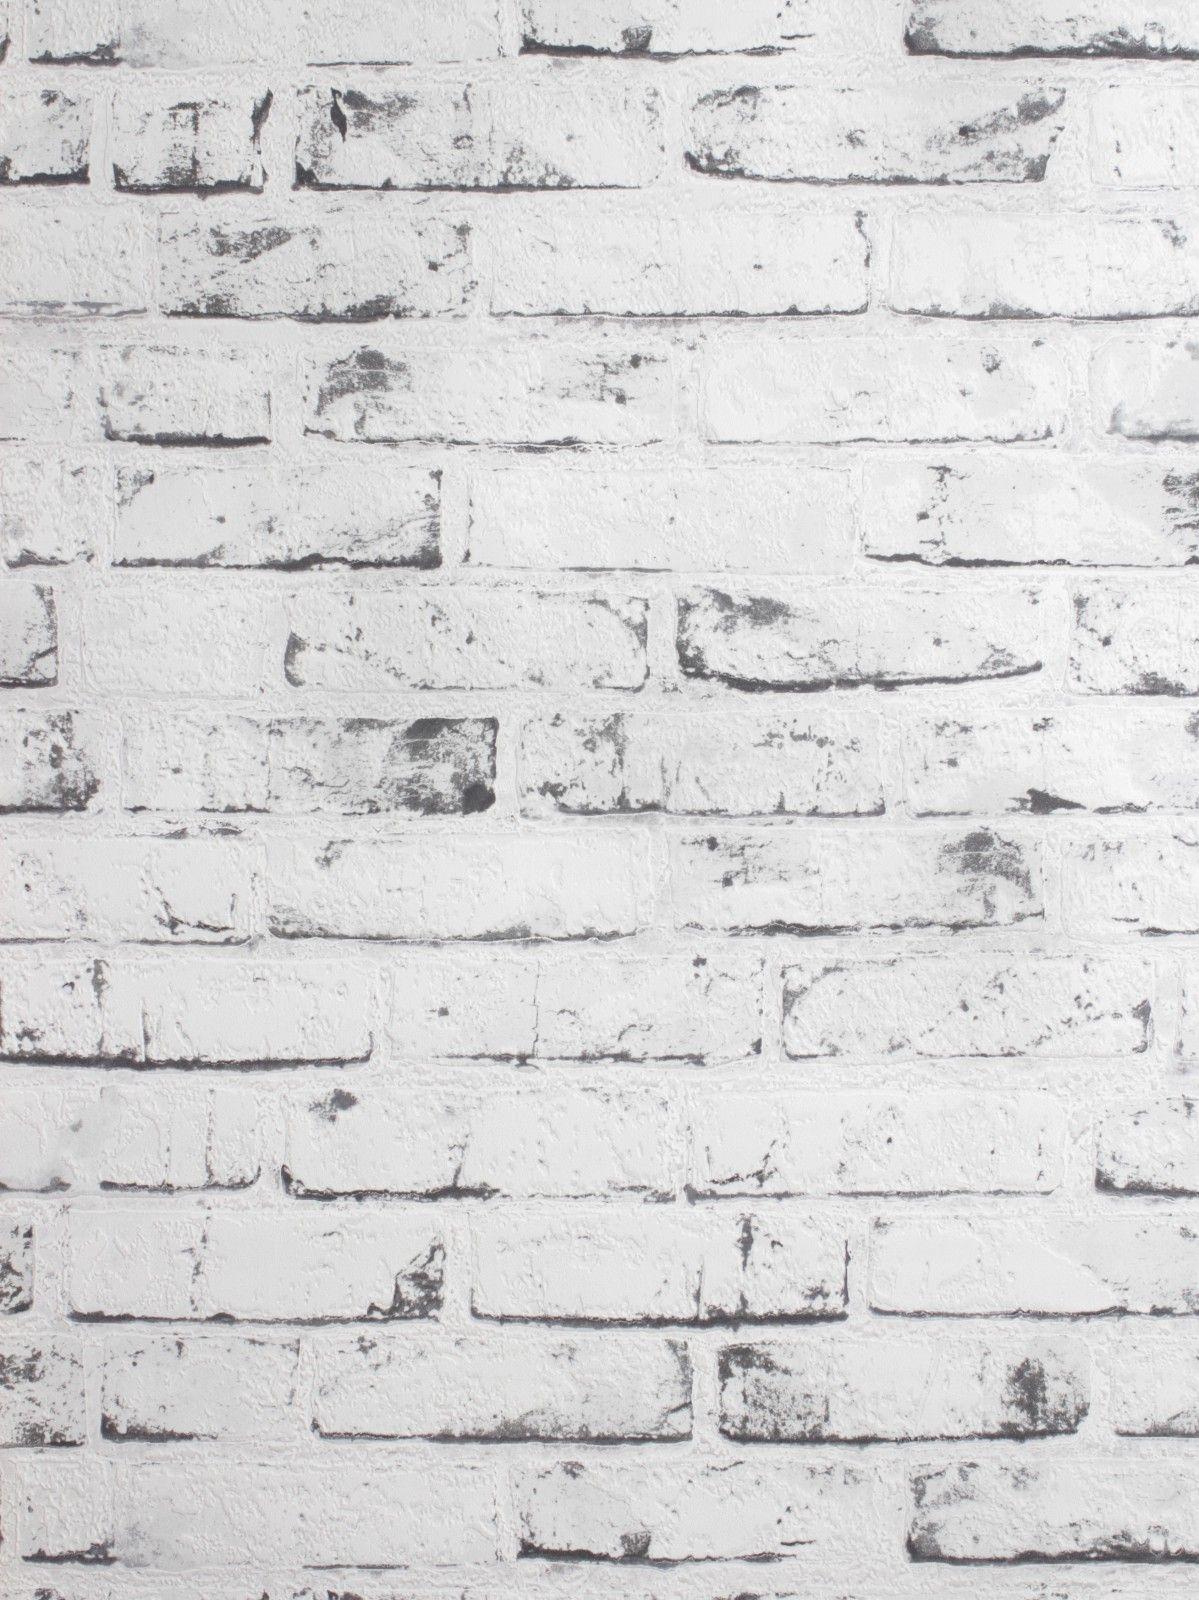 907837   Vliestapete Mit Stein Optik In Weiß, Schwarz, Grau Aus Der  Kollektion Woodu0027n Stone Von AS Creation. Tapeten Online Günstig Bestellen!